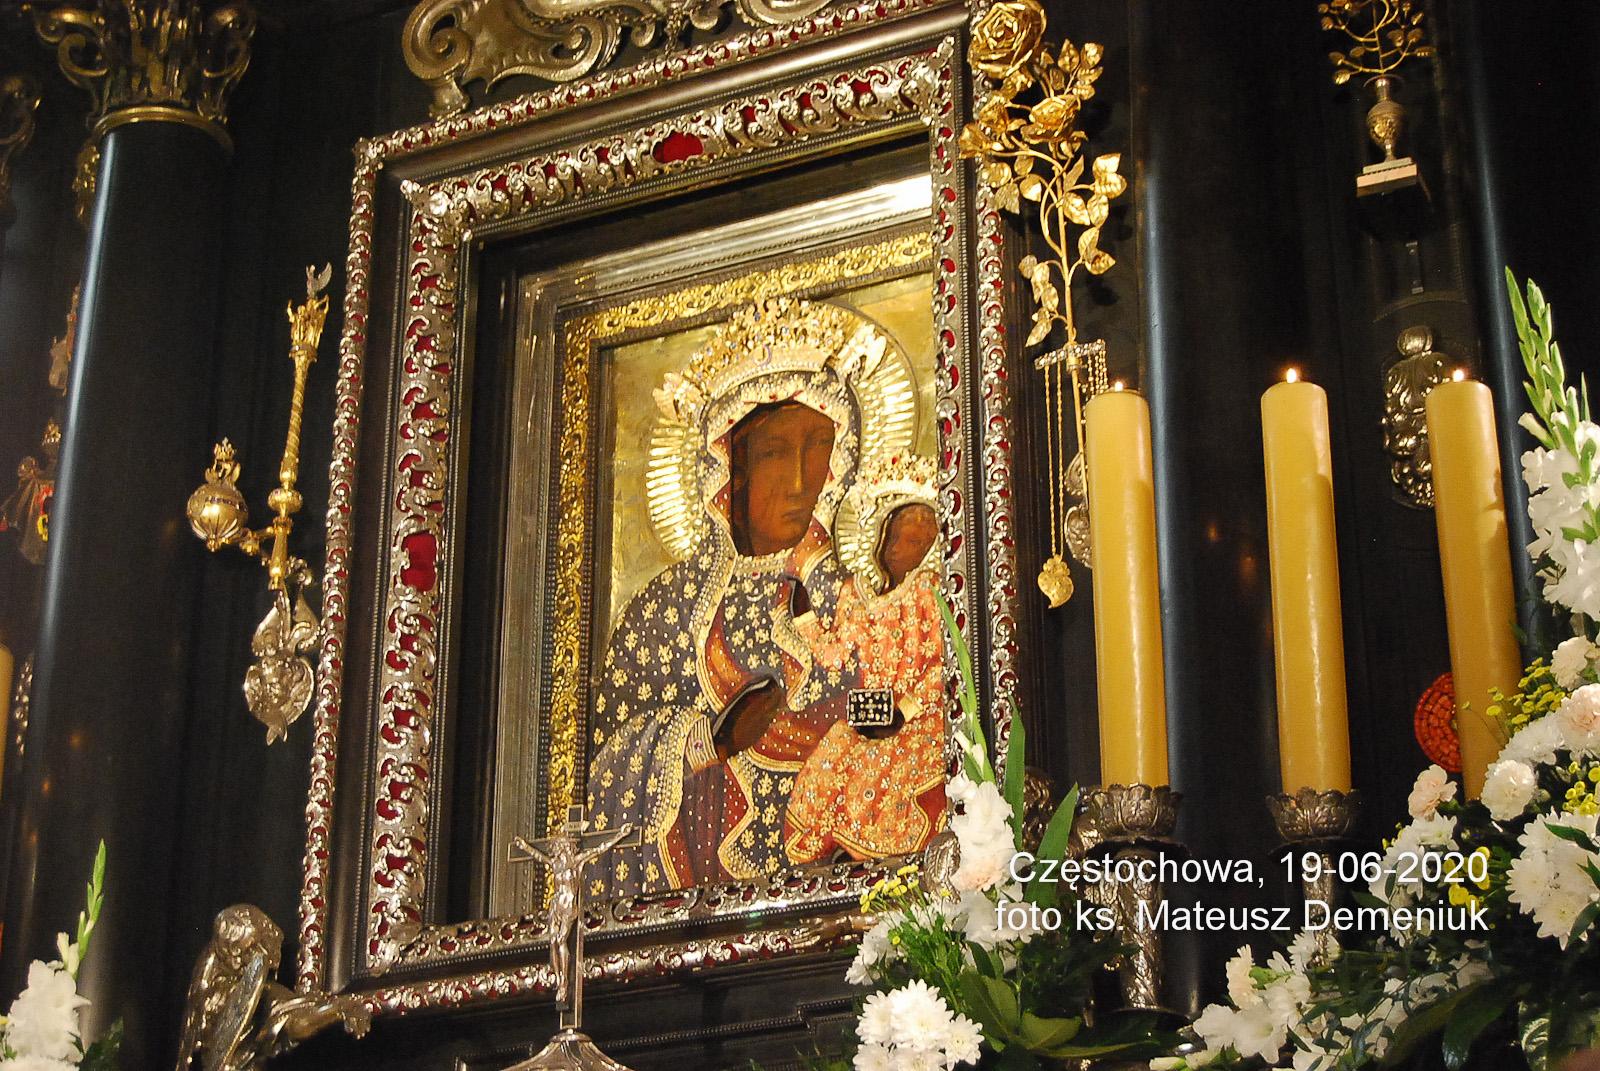 Греко-католицька духовна проща на Ясну Гору